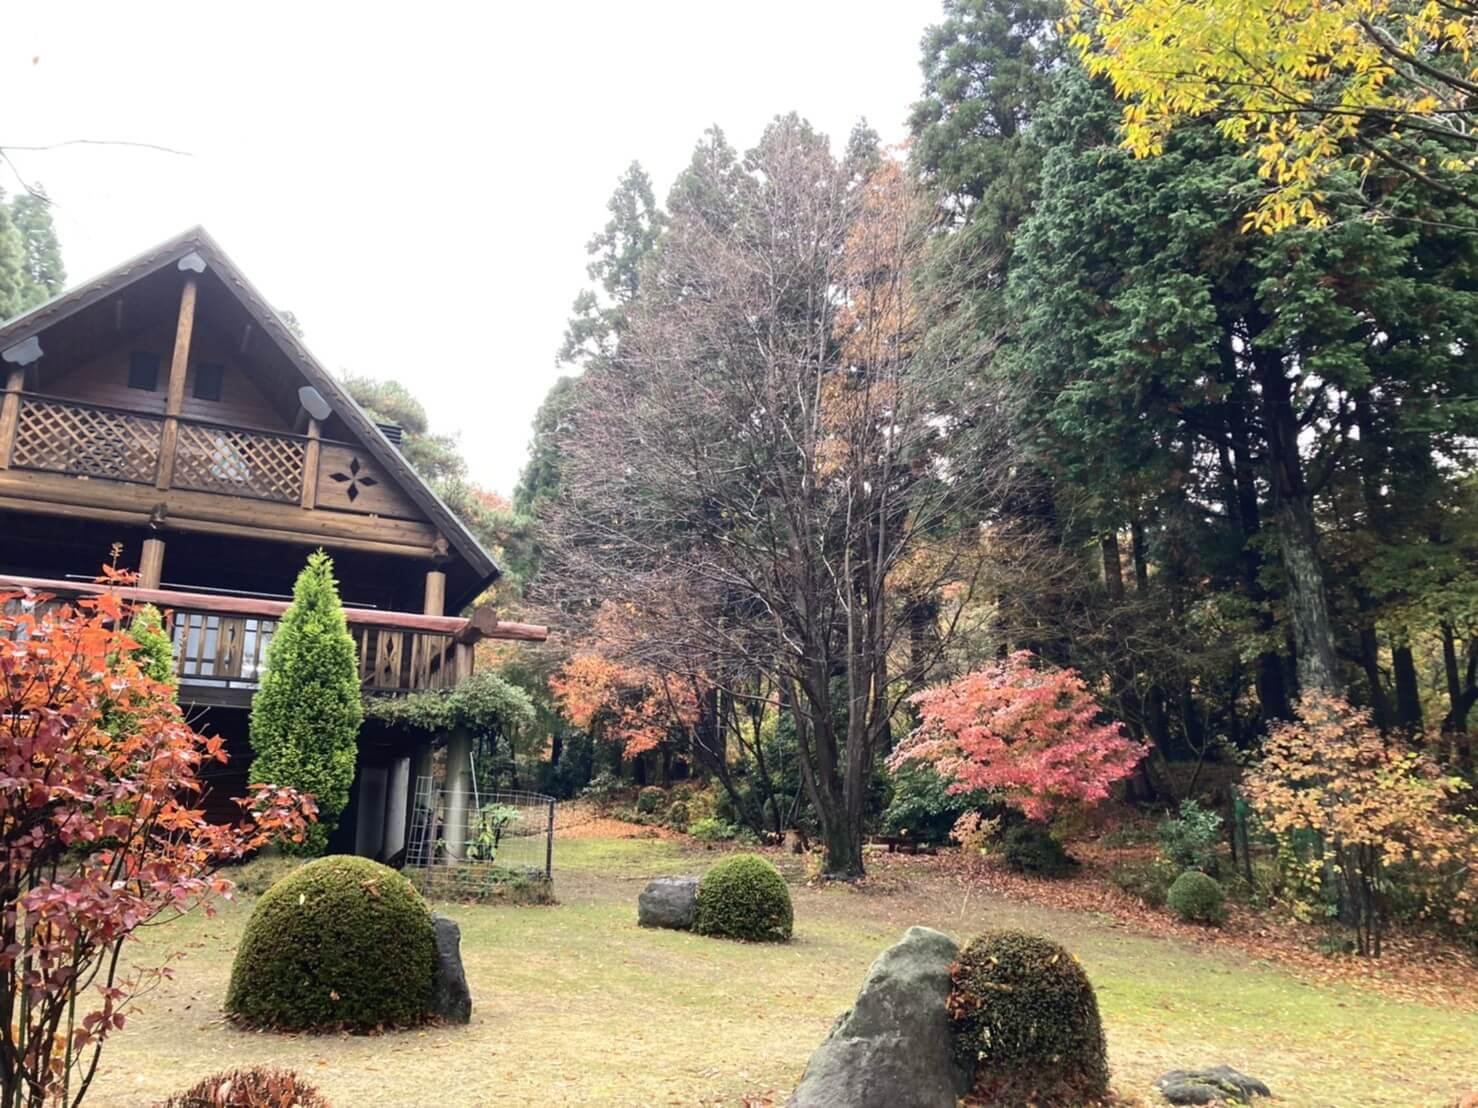 住宅右側にある大きなカツラの木。高さを三分の一程度下げて、剪定を行います。